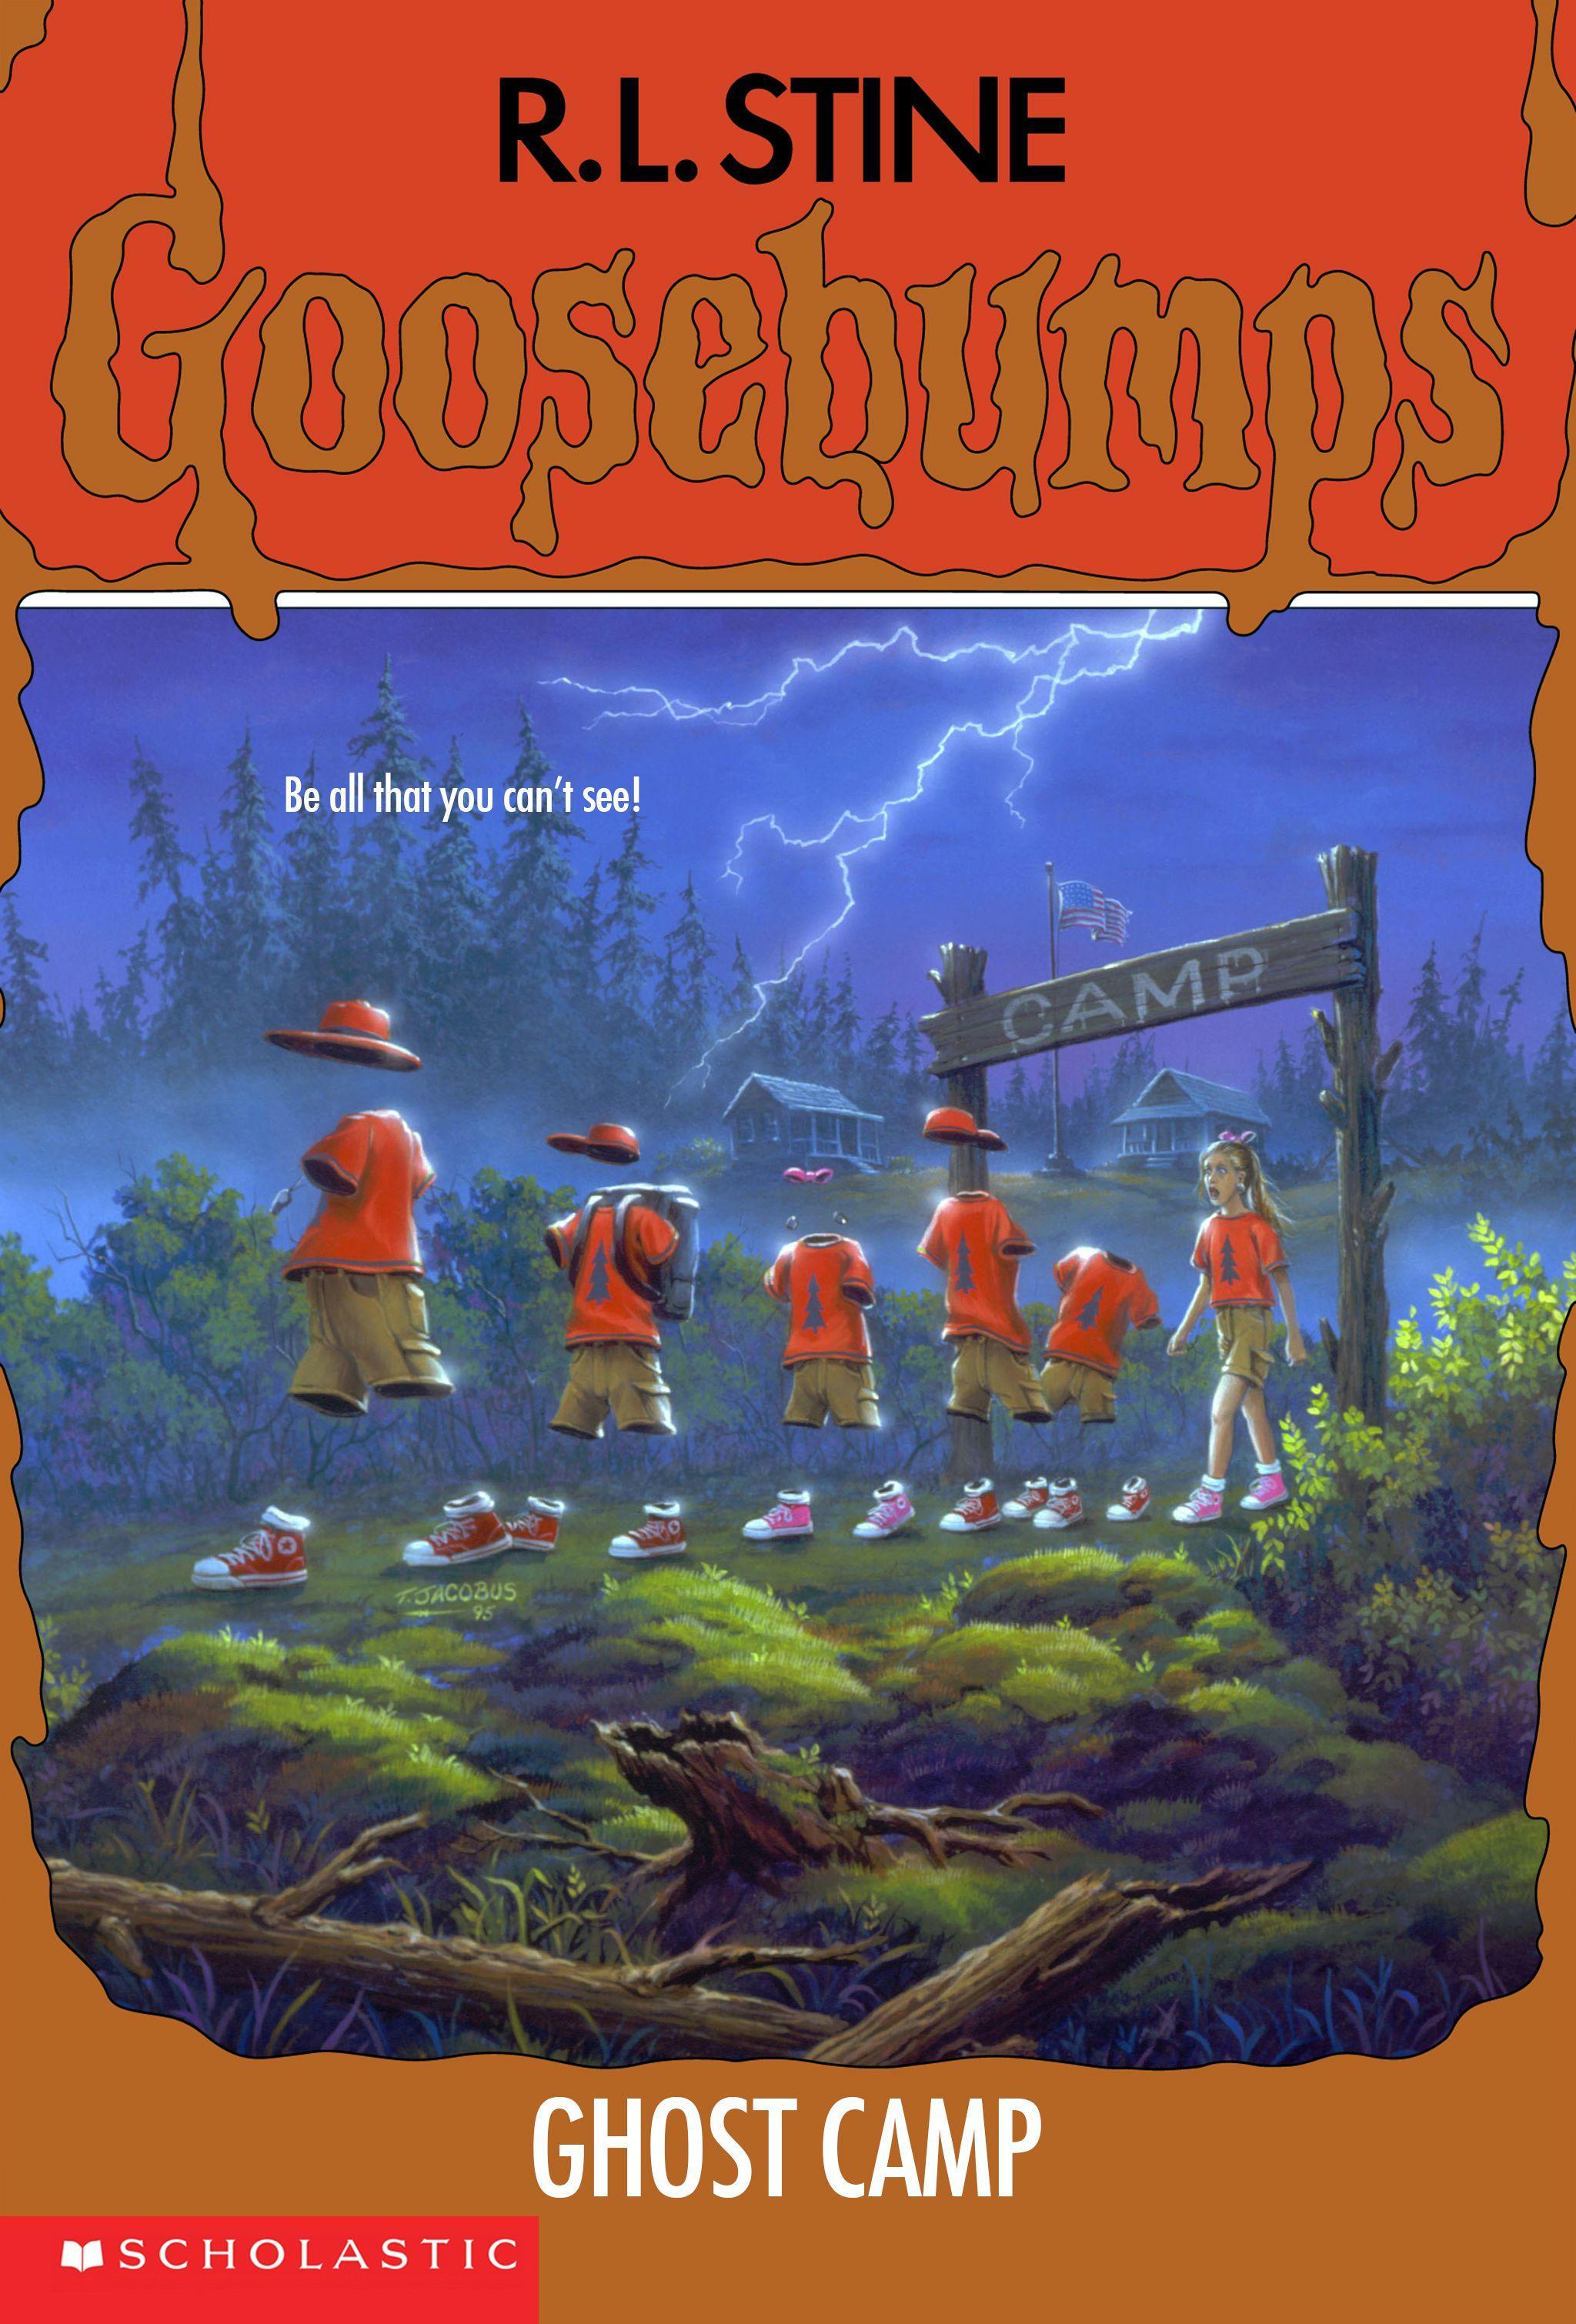 Goosebumps 2 haunted halloween wallpapers wallpaper cave - Goosebumps wallpaper ...